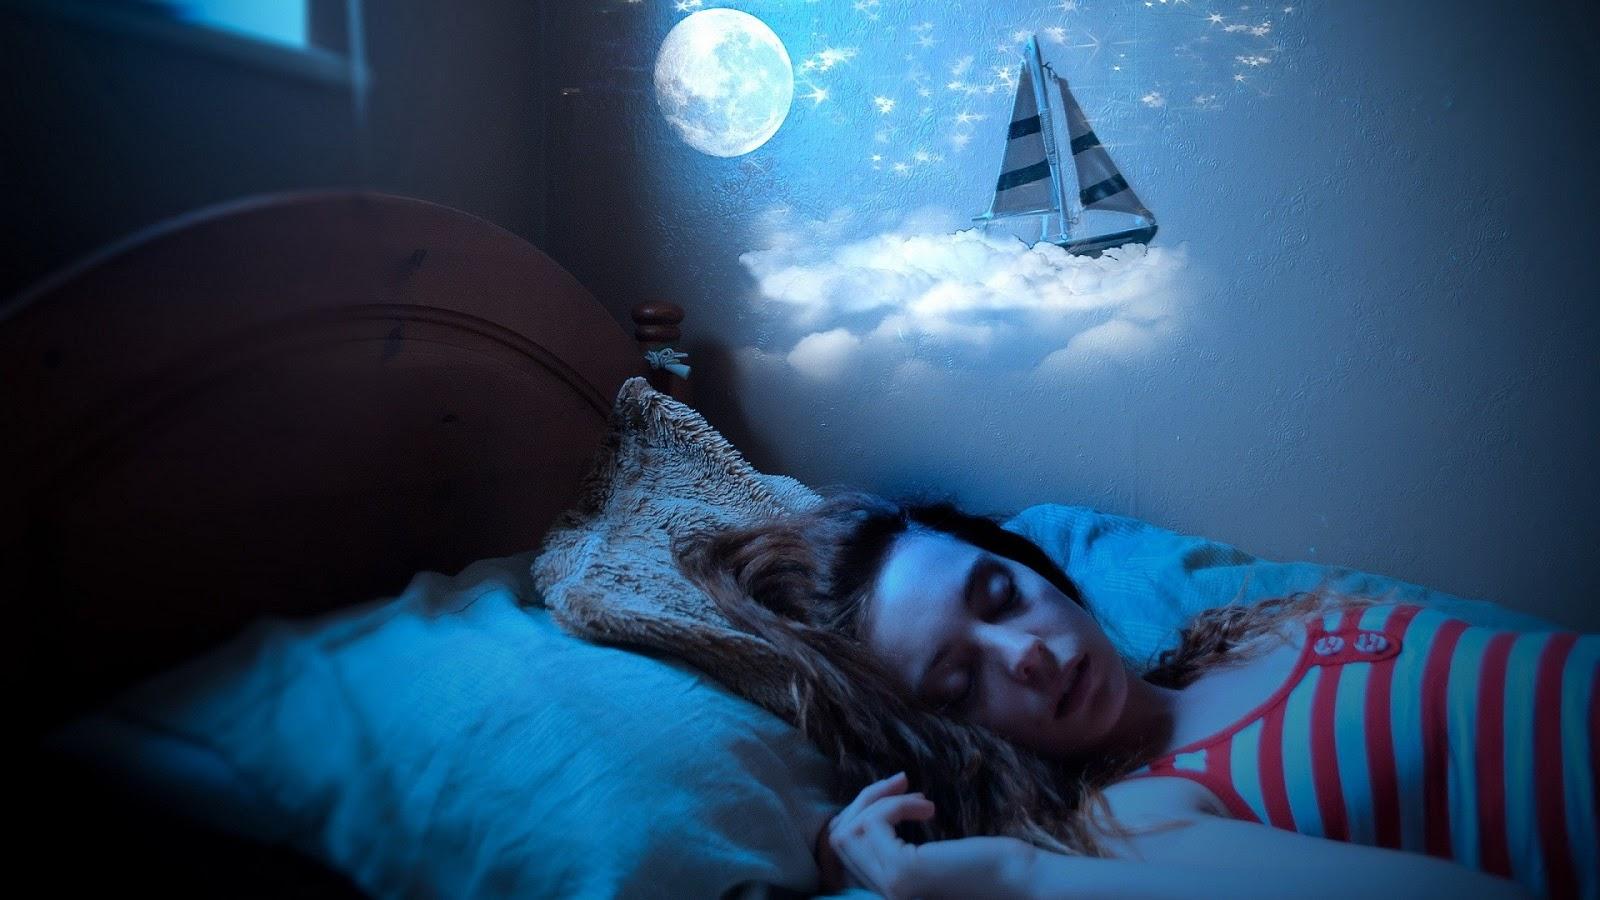 Dream, Lucid Dream